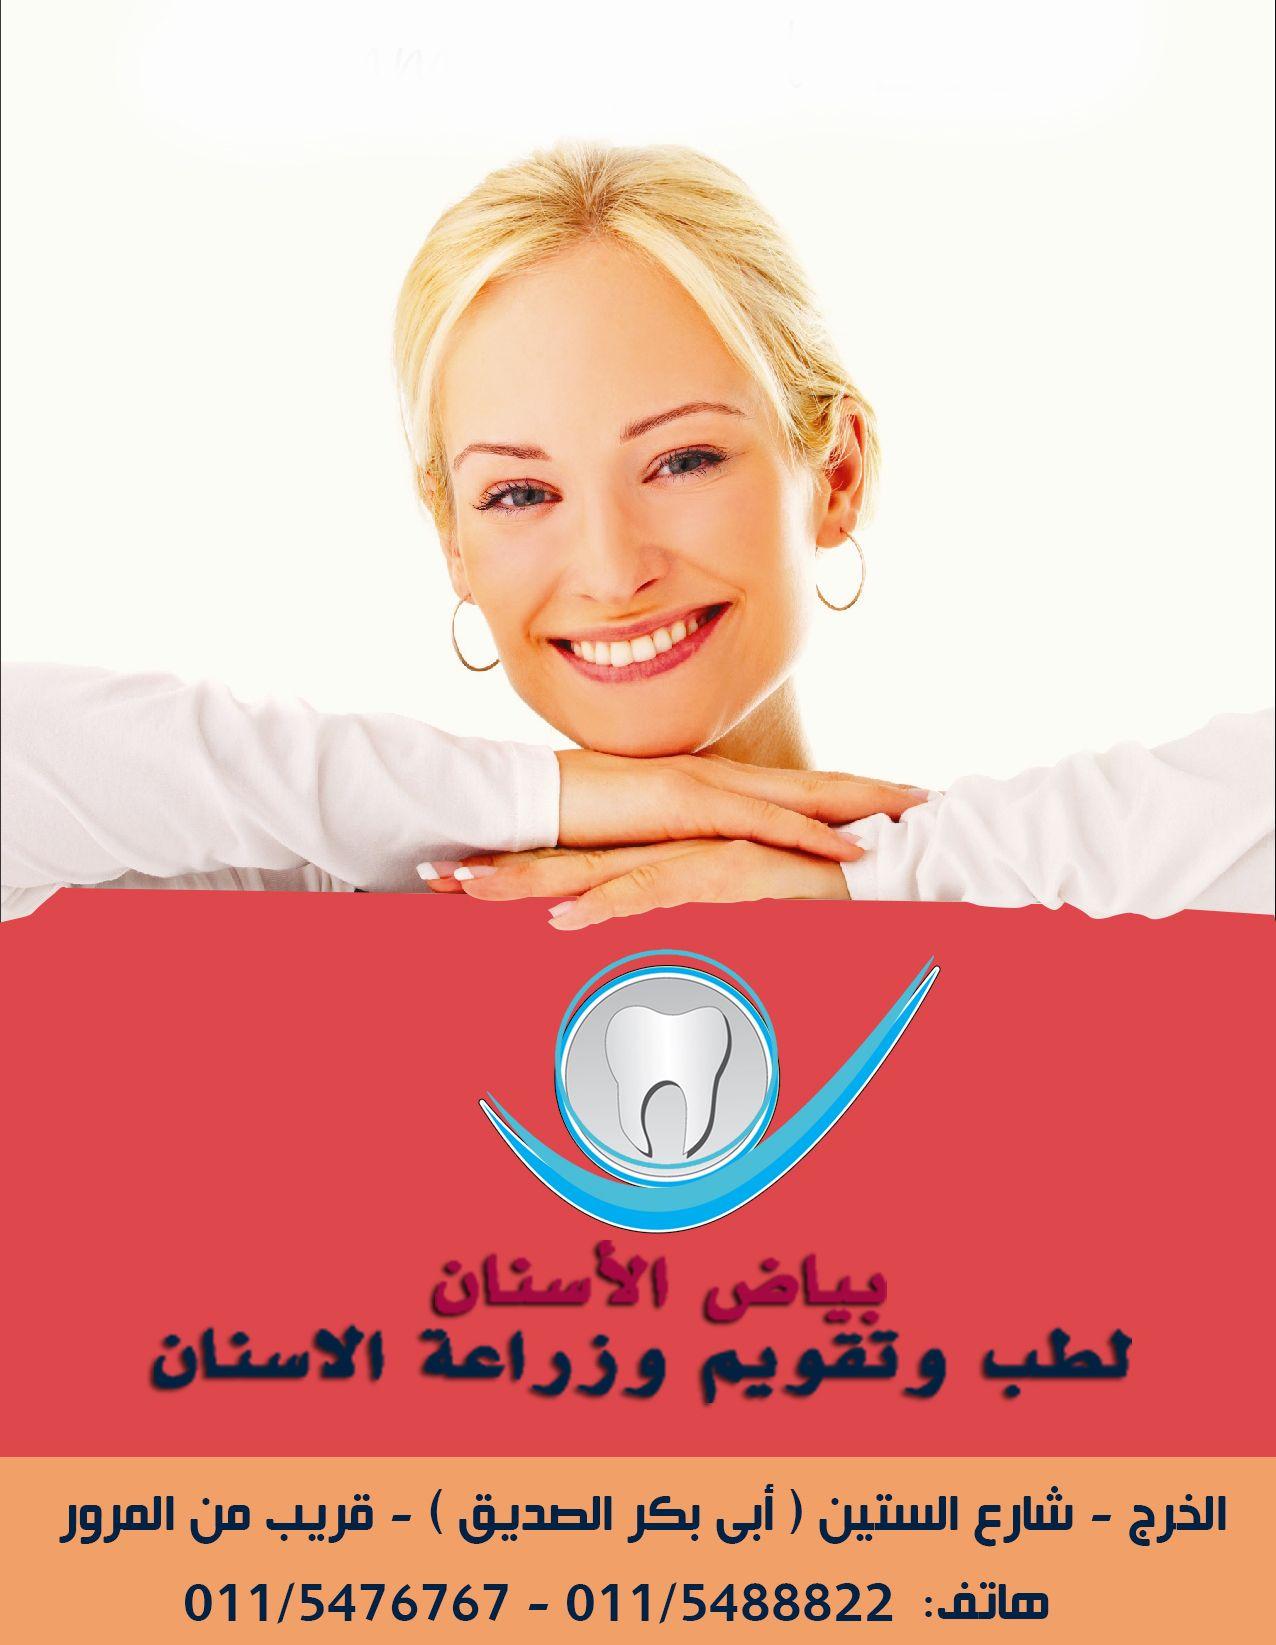 ابتسم بثقة مع مركز بياض الاسنان